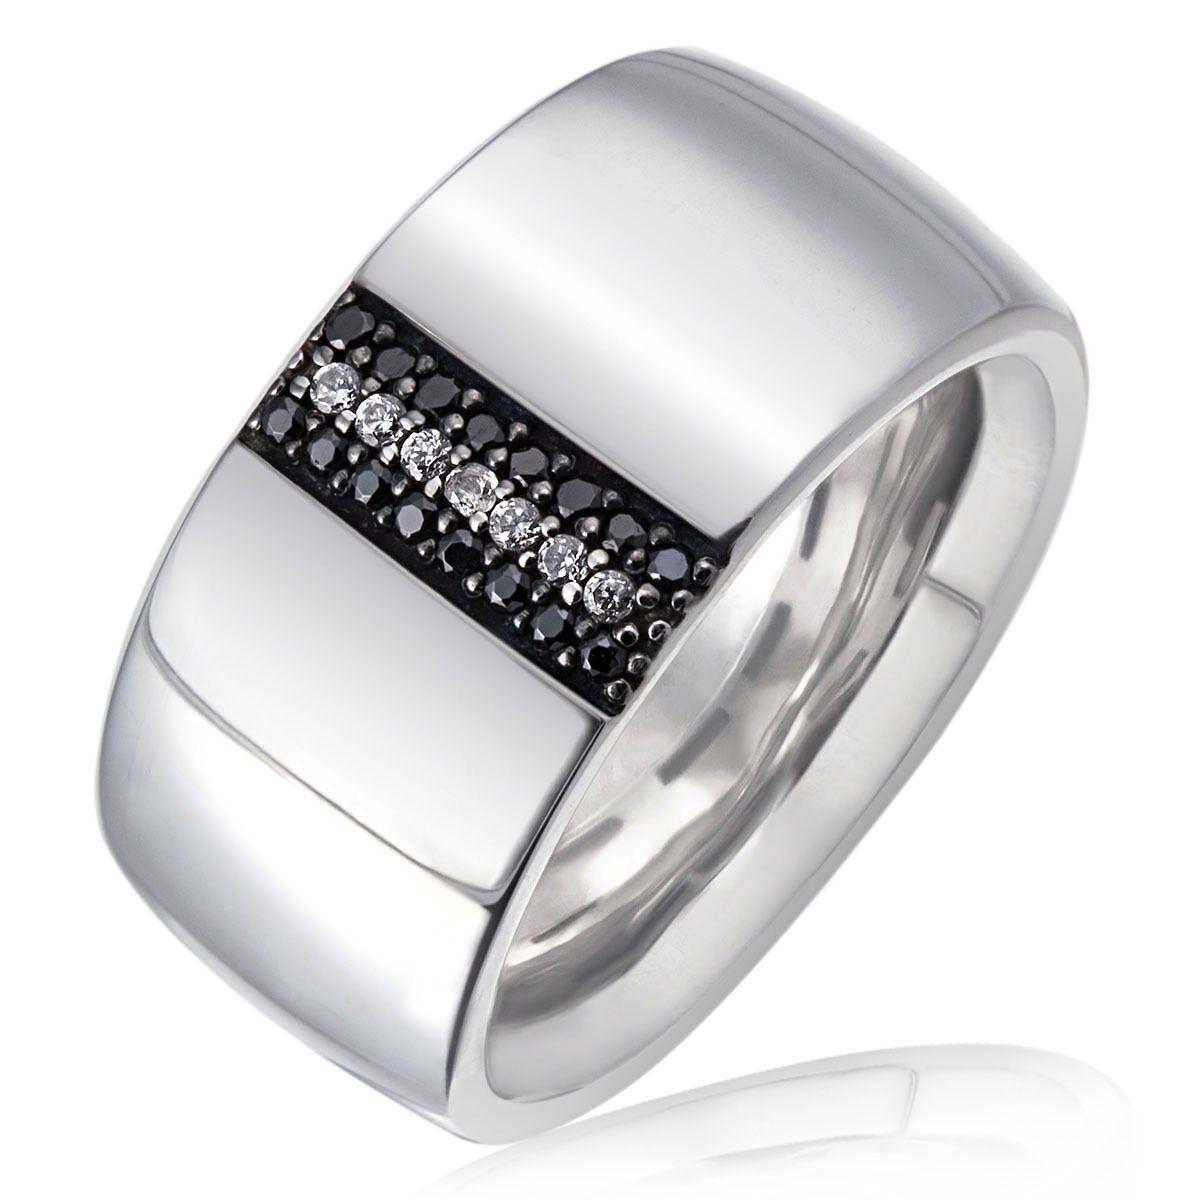 AVERDIN Averdin Damenring 925/- Sterlingsilber 7 weiße 16 schwarze Zirkonia